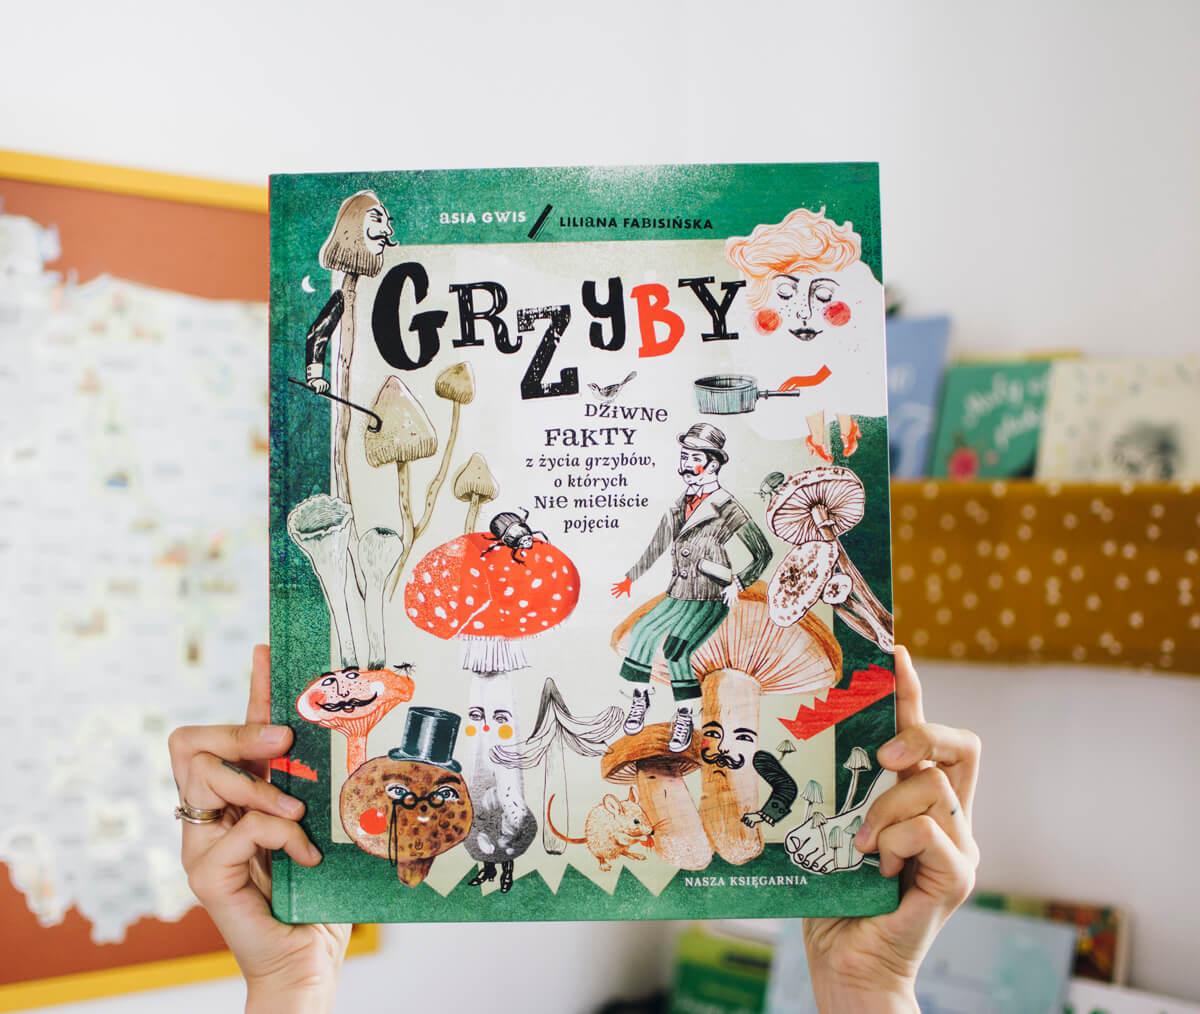 Grzyby książka dla dzieci